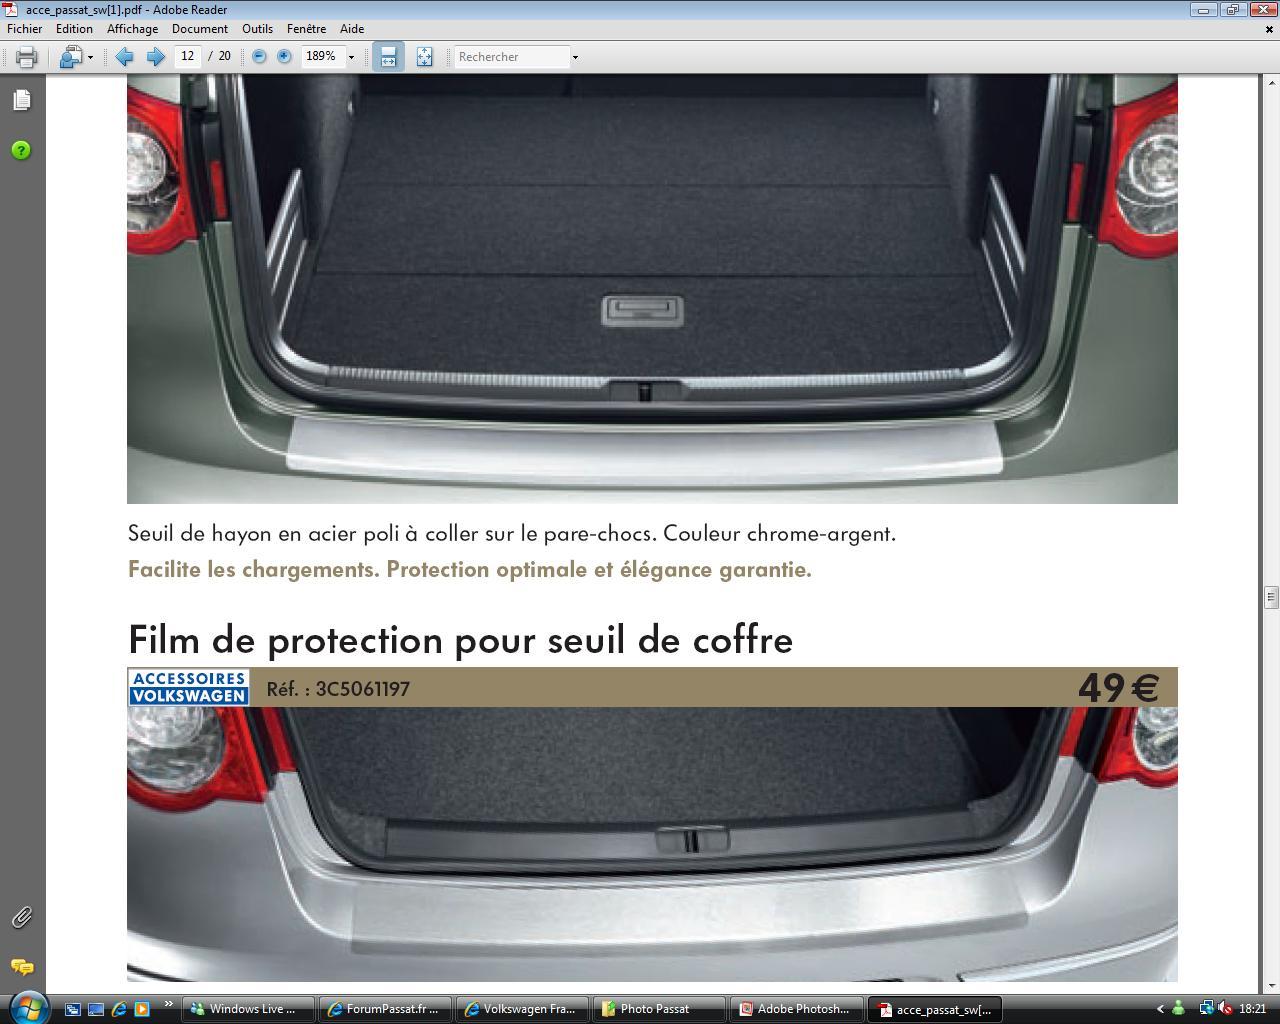 http://www.forumpassat.fr/uploads//783_protection_coffre.jpg